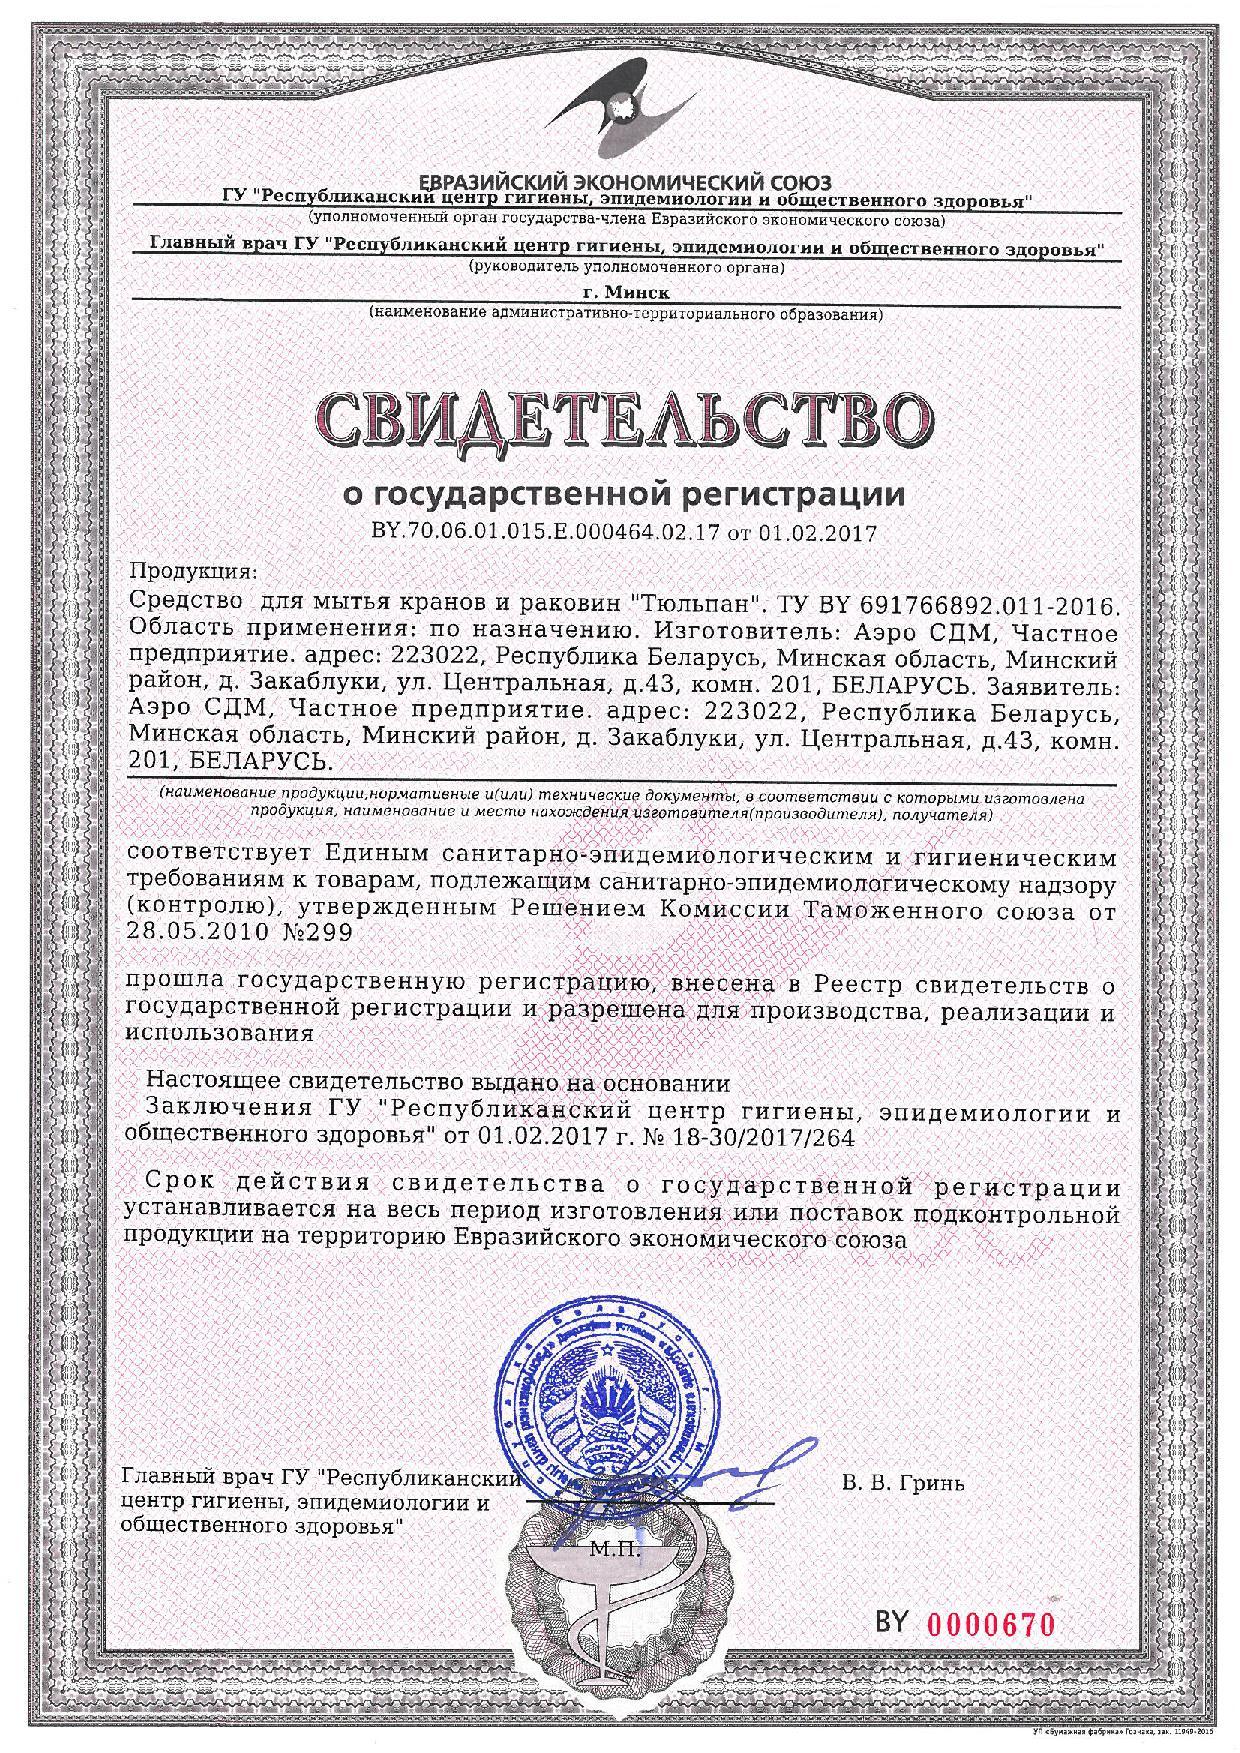 sredstvo-dlya-mytya-kranov-i-rakovin